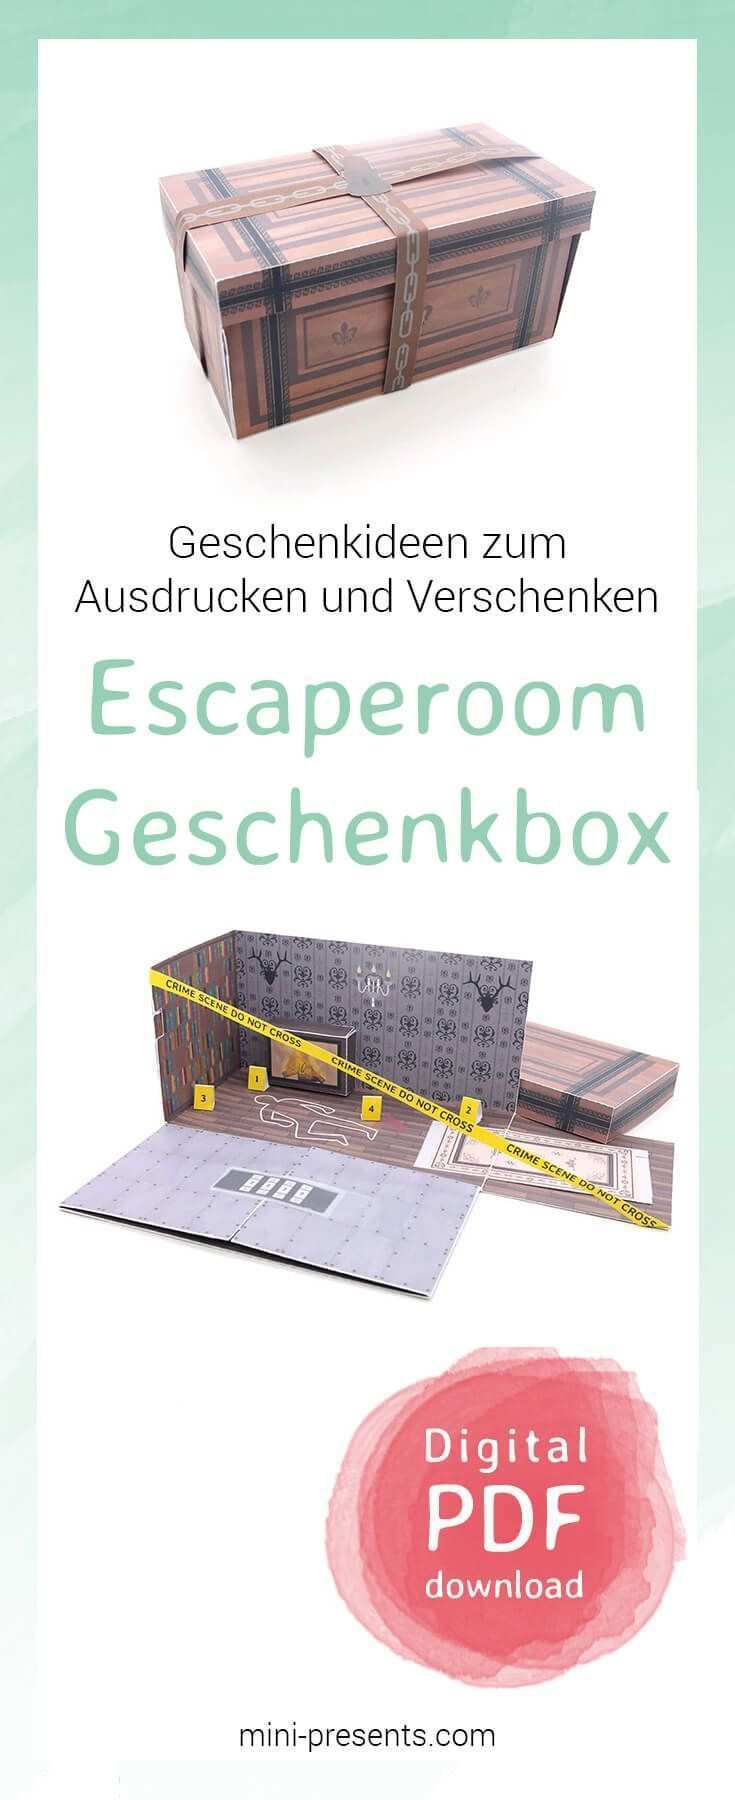 Mini Presents Do It Yourself Escape Room Geschenkbox Als Gutschein Ausdrucken Basteln Schenke Gluckliche Momente Originelle Diy Papiergeschenke Zum Ausdr In 2020 Escape Room Diy Escape Gift Diy Event